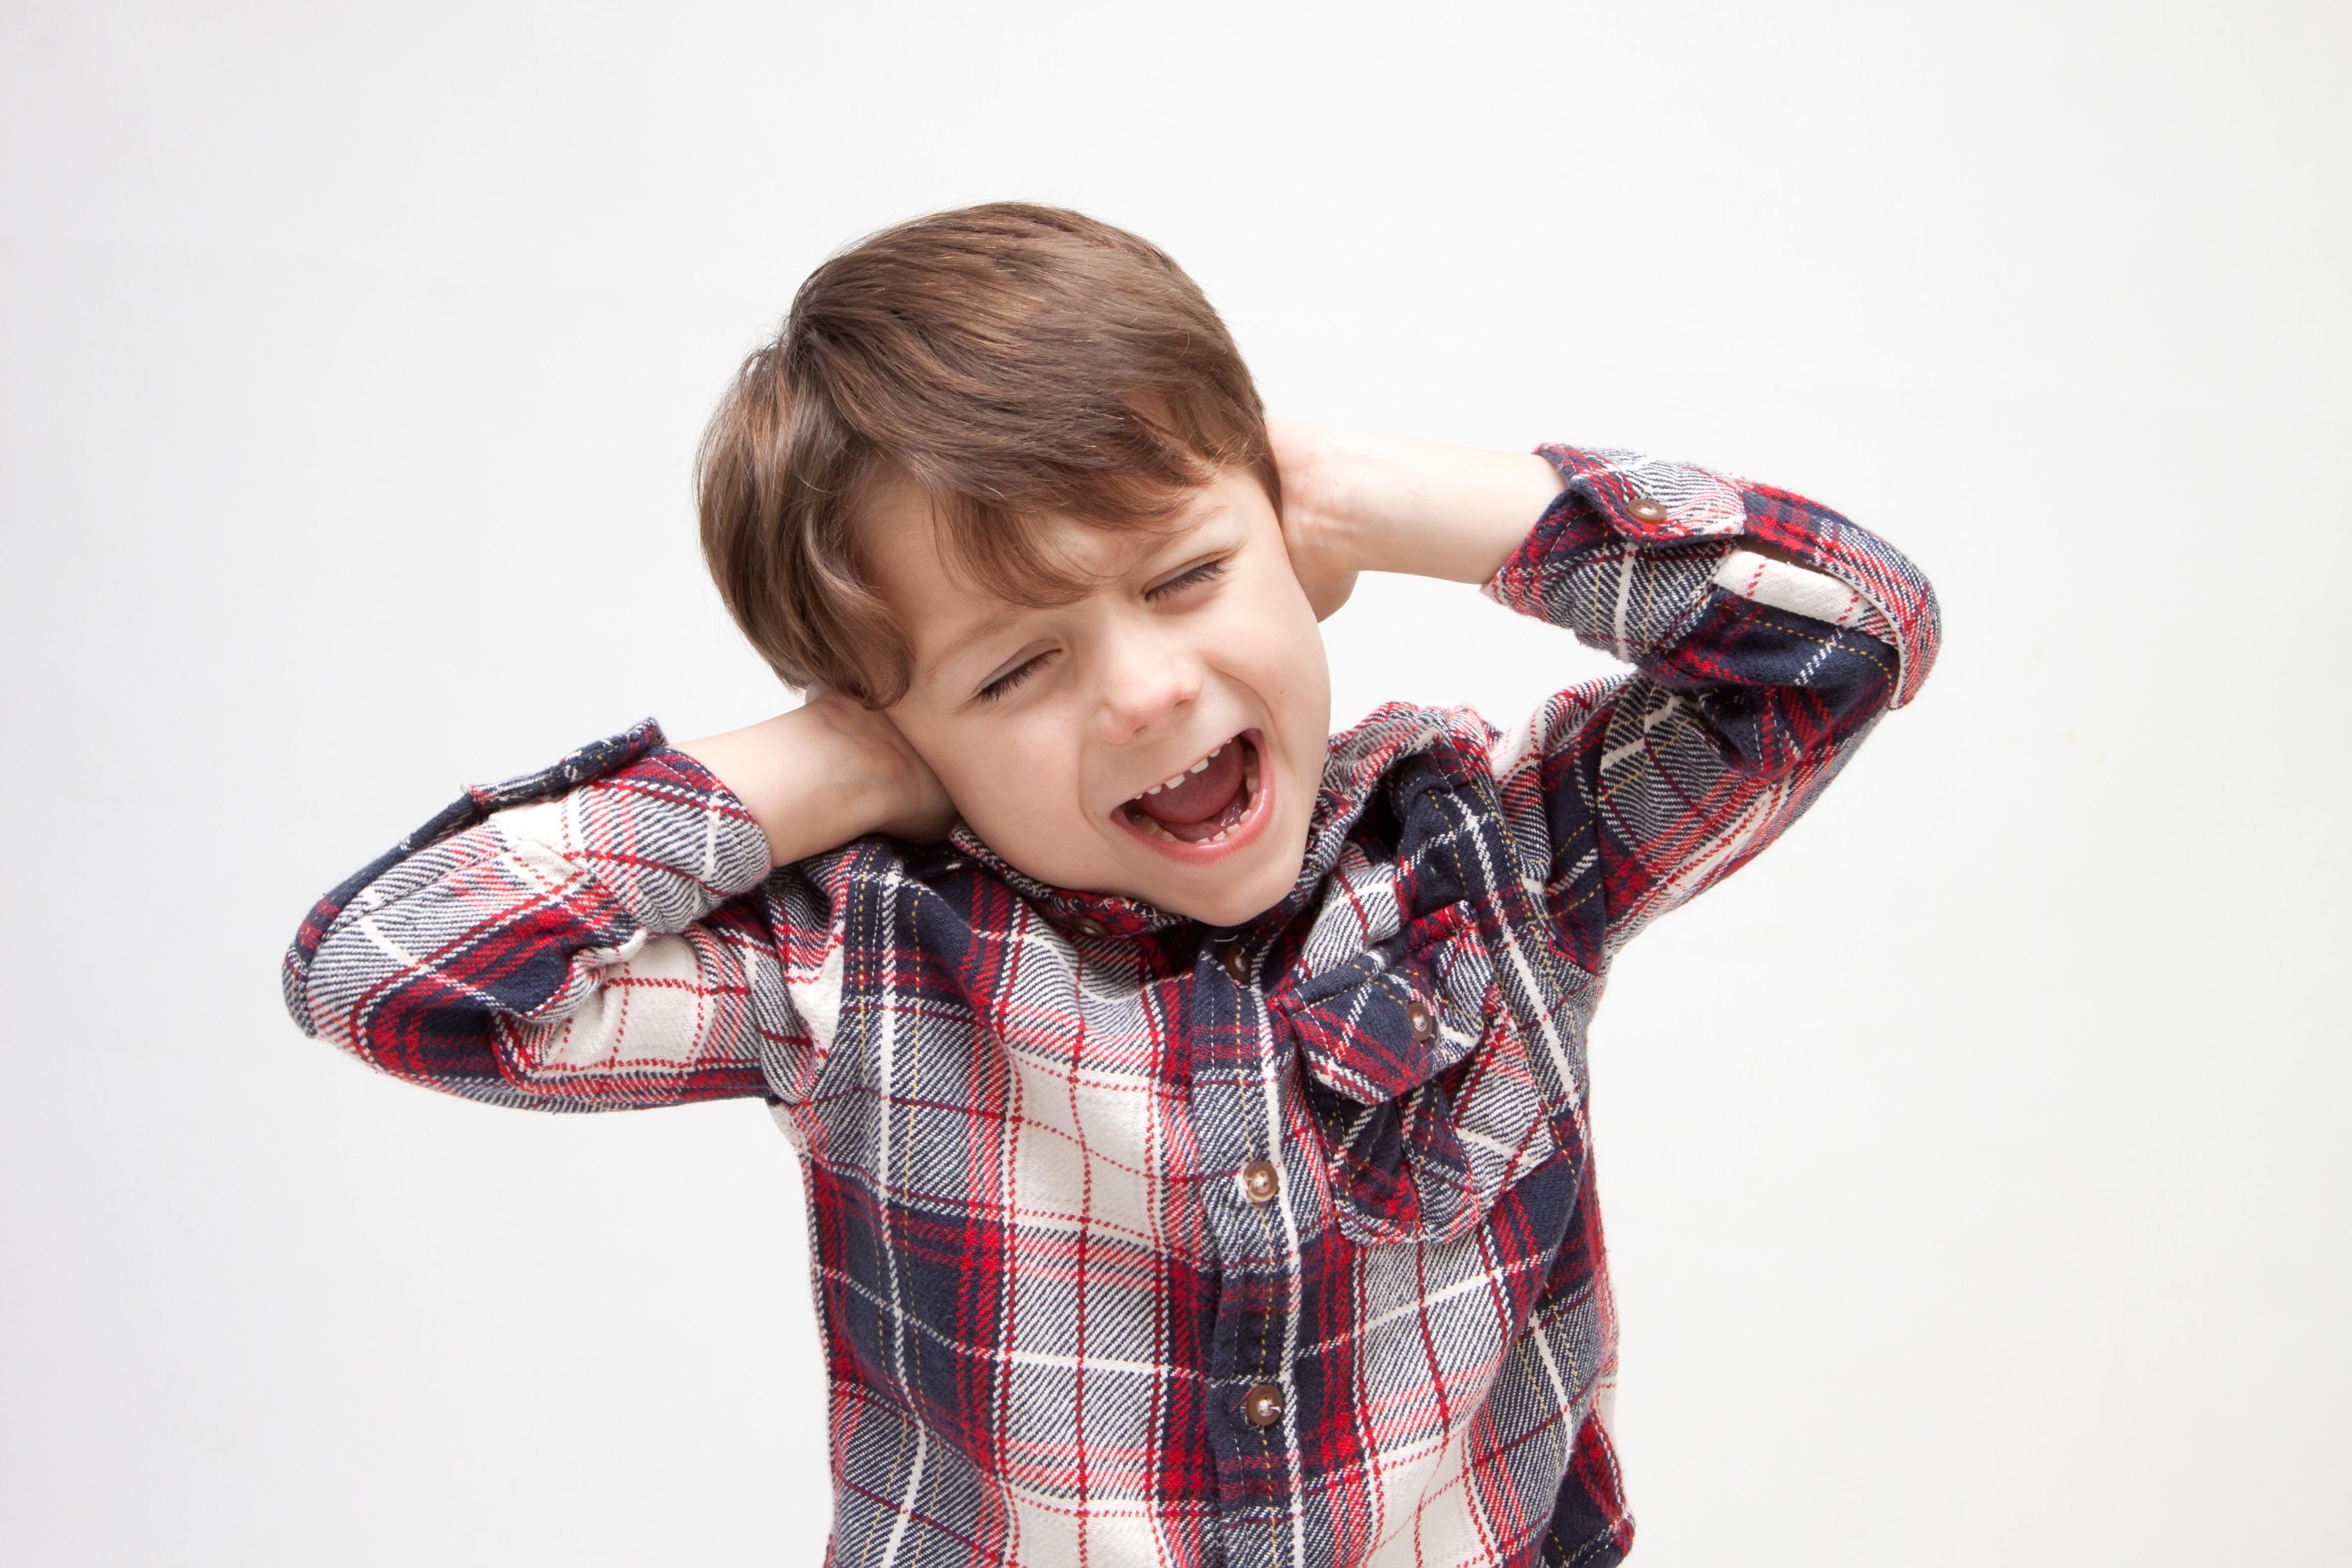 騒音の悩みは〇〇で解消!対策グッズおすすめ3選